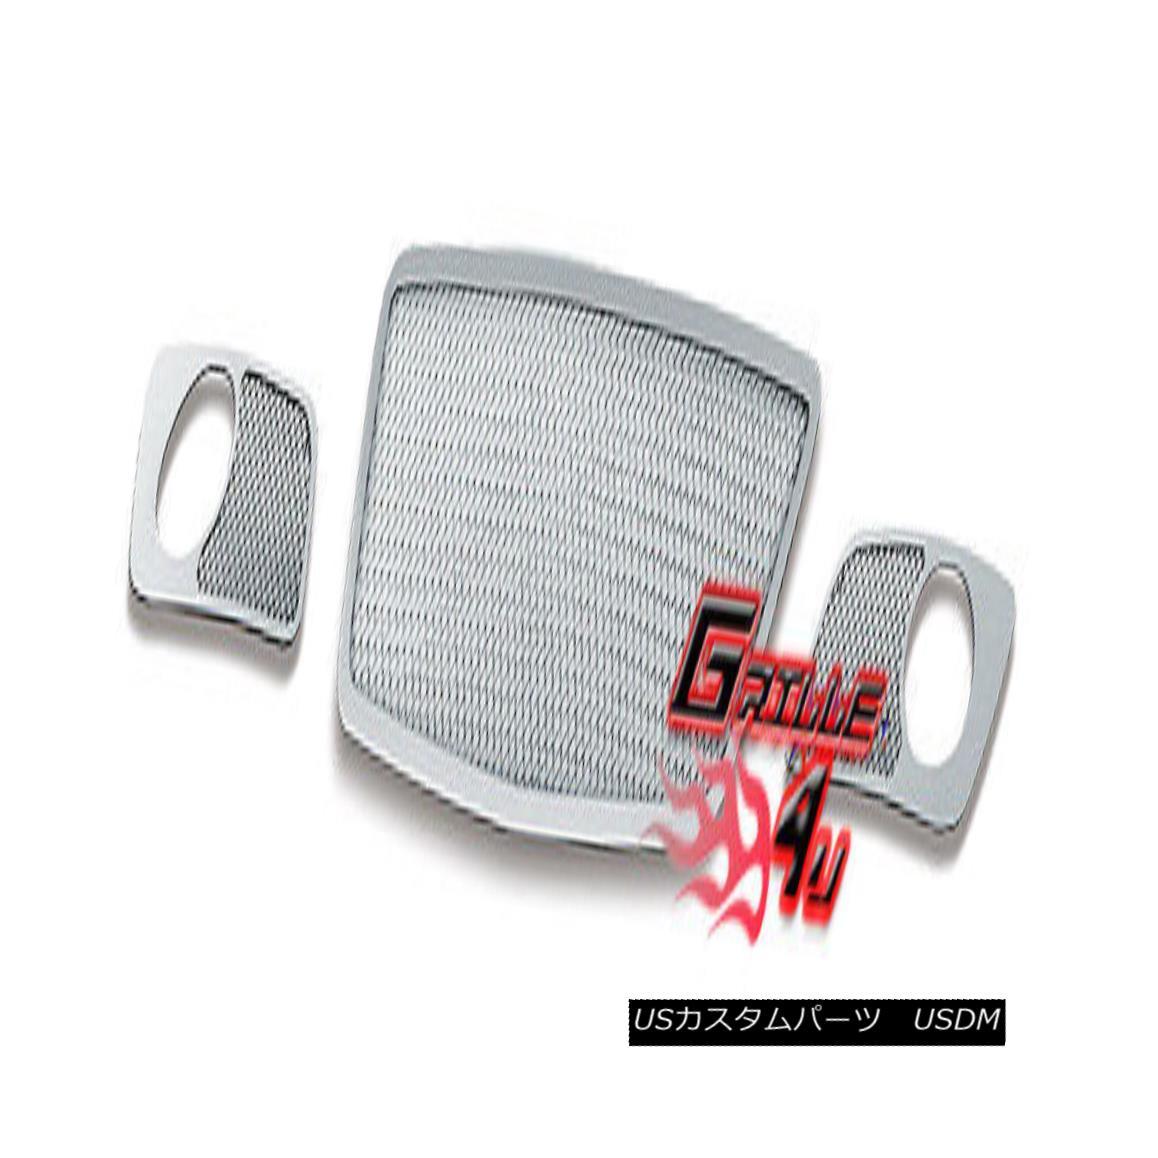 グリル For 06-07 Mazda Speed 6 Bumper Stainless Mesh Premium Grille Insert 06-07マツダスピード6バンパーステンレスメッシュプレミアムグリルインサート